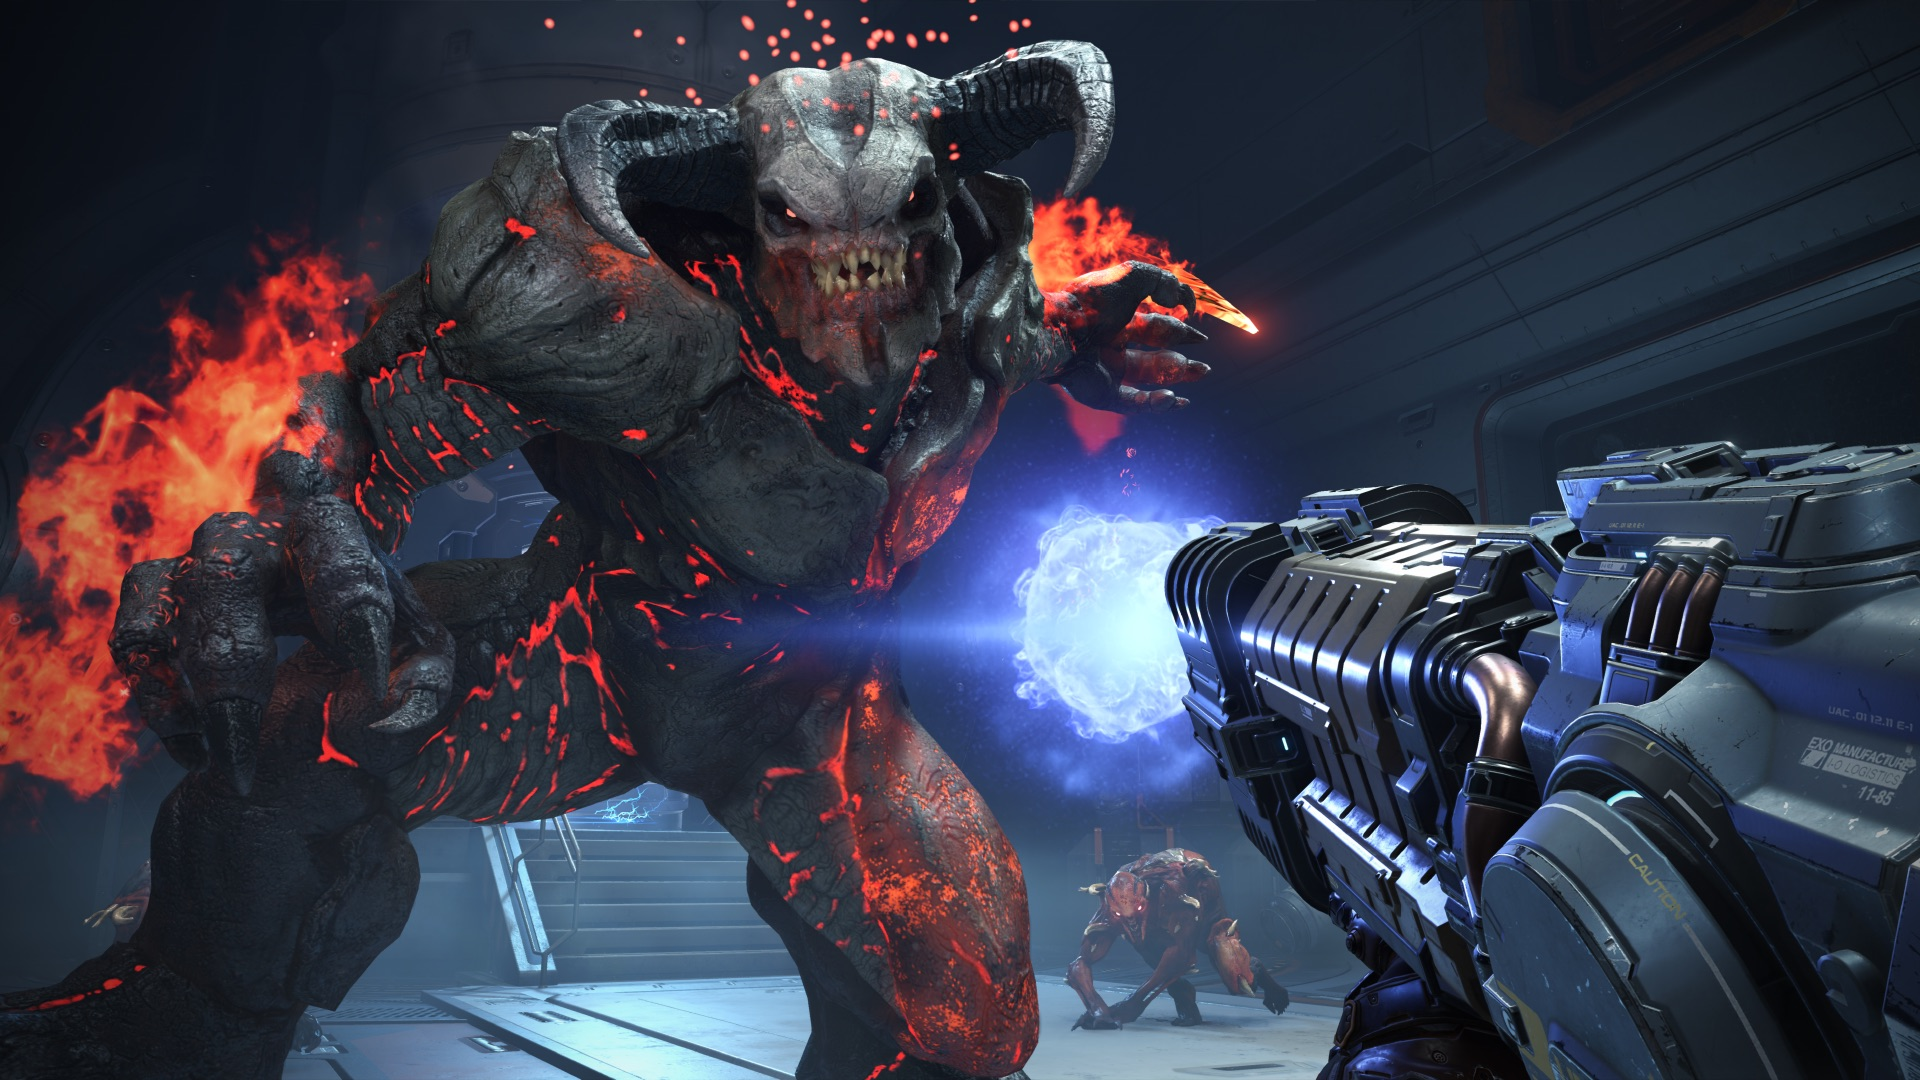 doom eternal, doom game, video game releases, latest video game releases, doom eternal coming soon